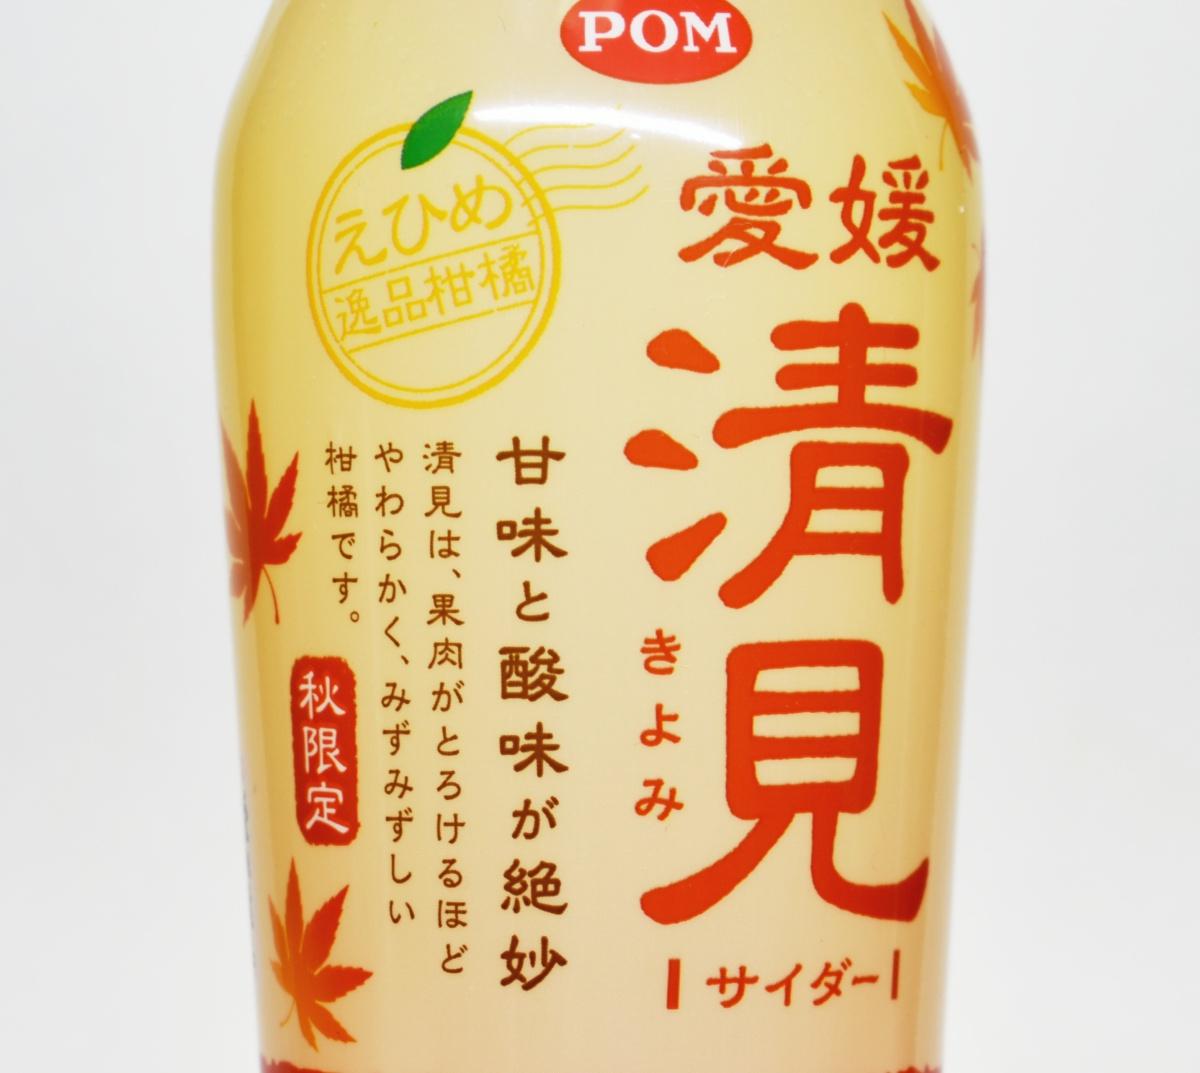 パッケージリニューアル版,POM,愛媛清美サイダー